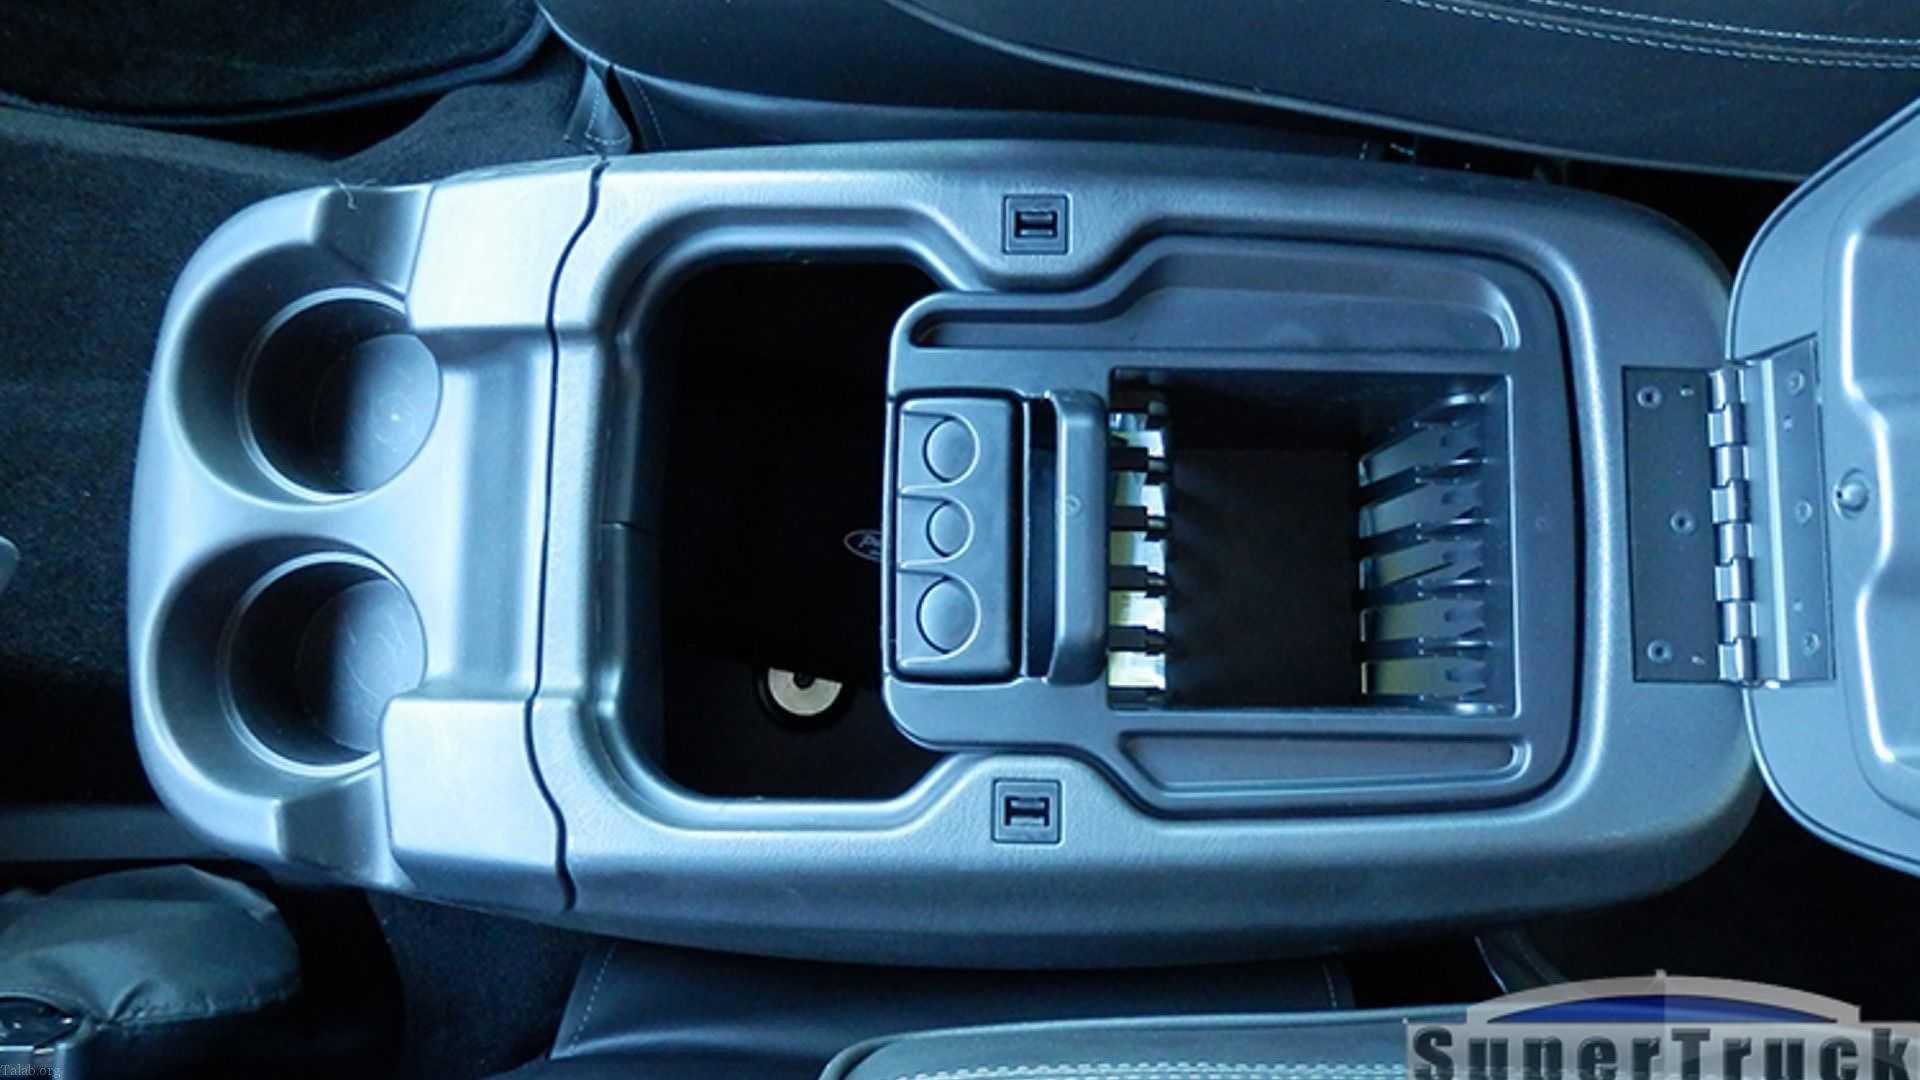 بزرگترین خودروی پیکاپ جهان از شرکت فورد F650 (عکس)